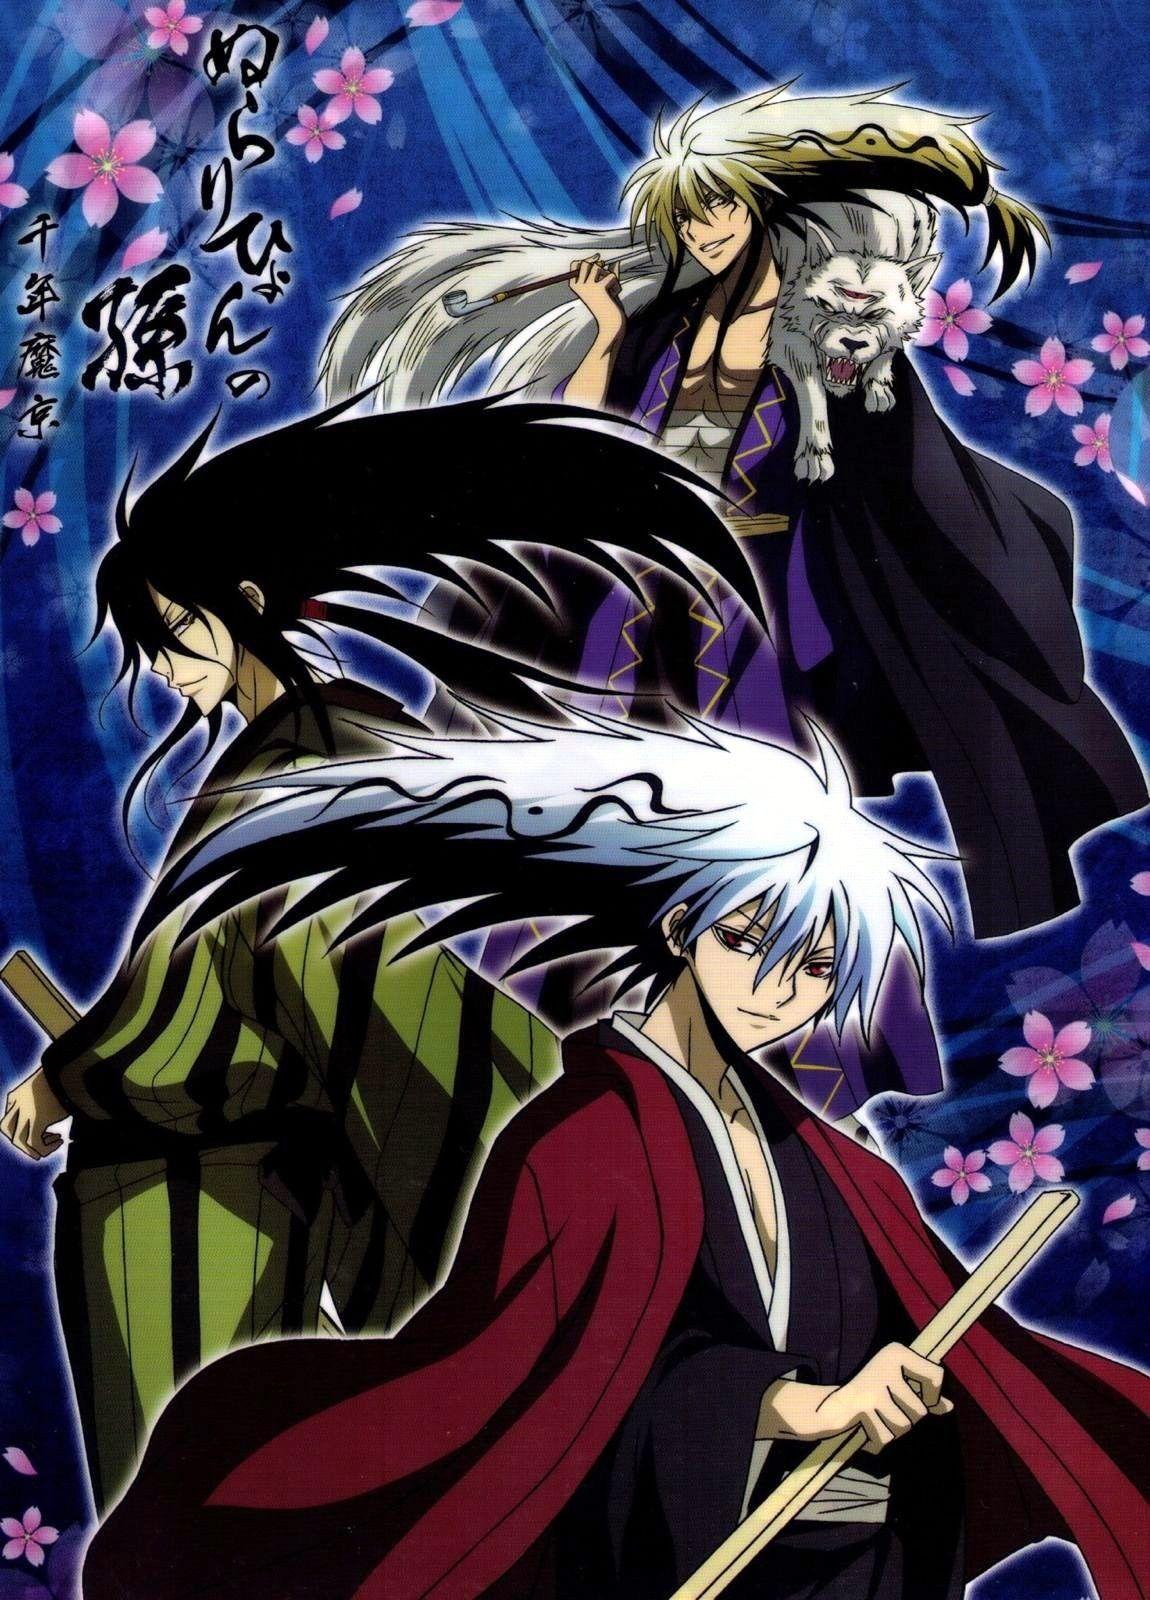 Nurarihyon no Mago Animes Pinterest Anime, Manga and